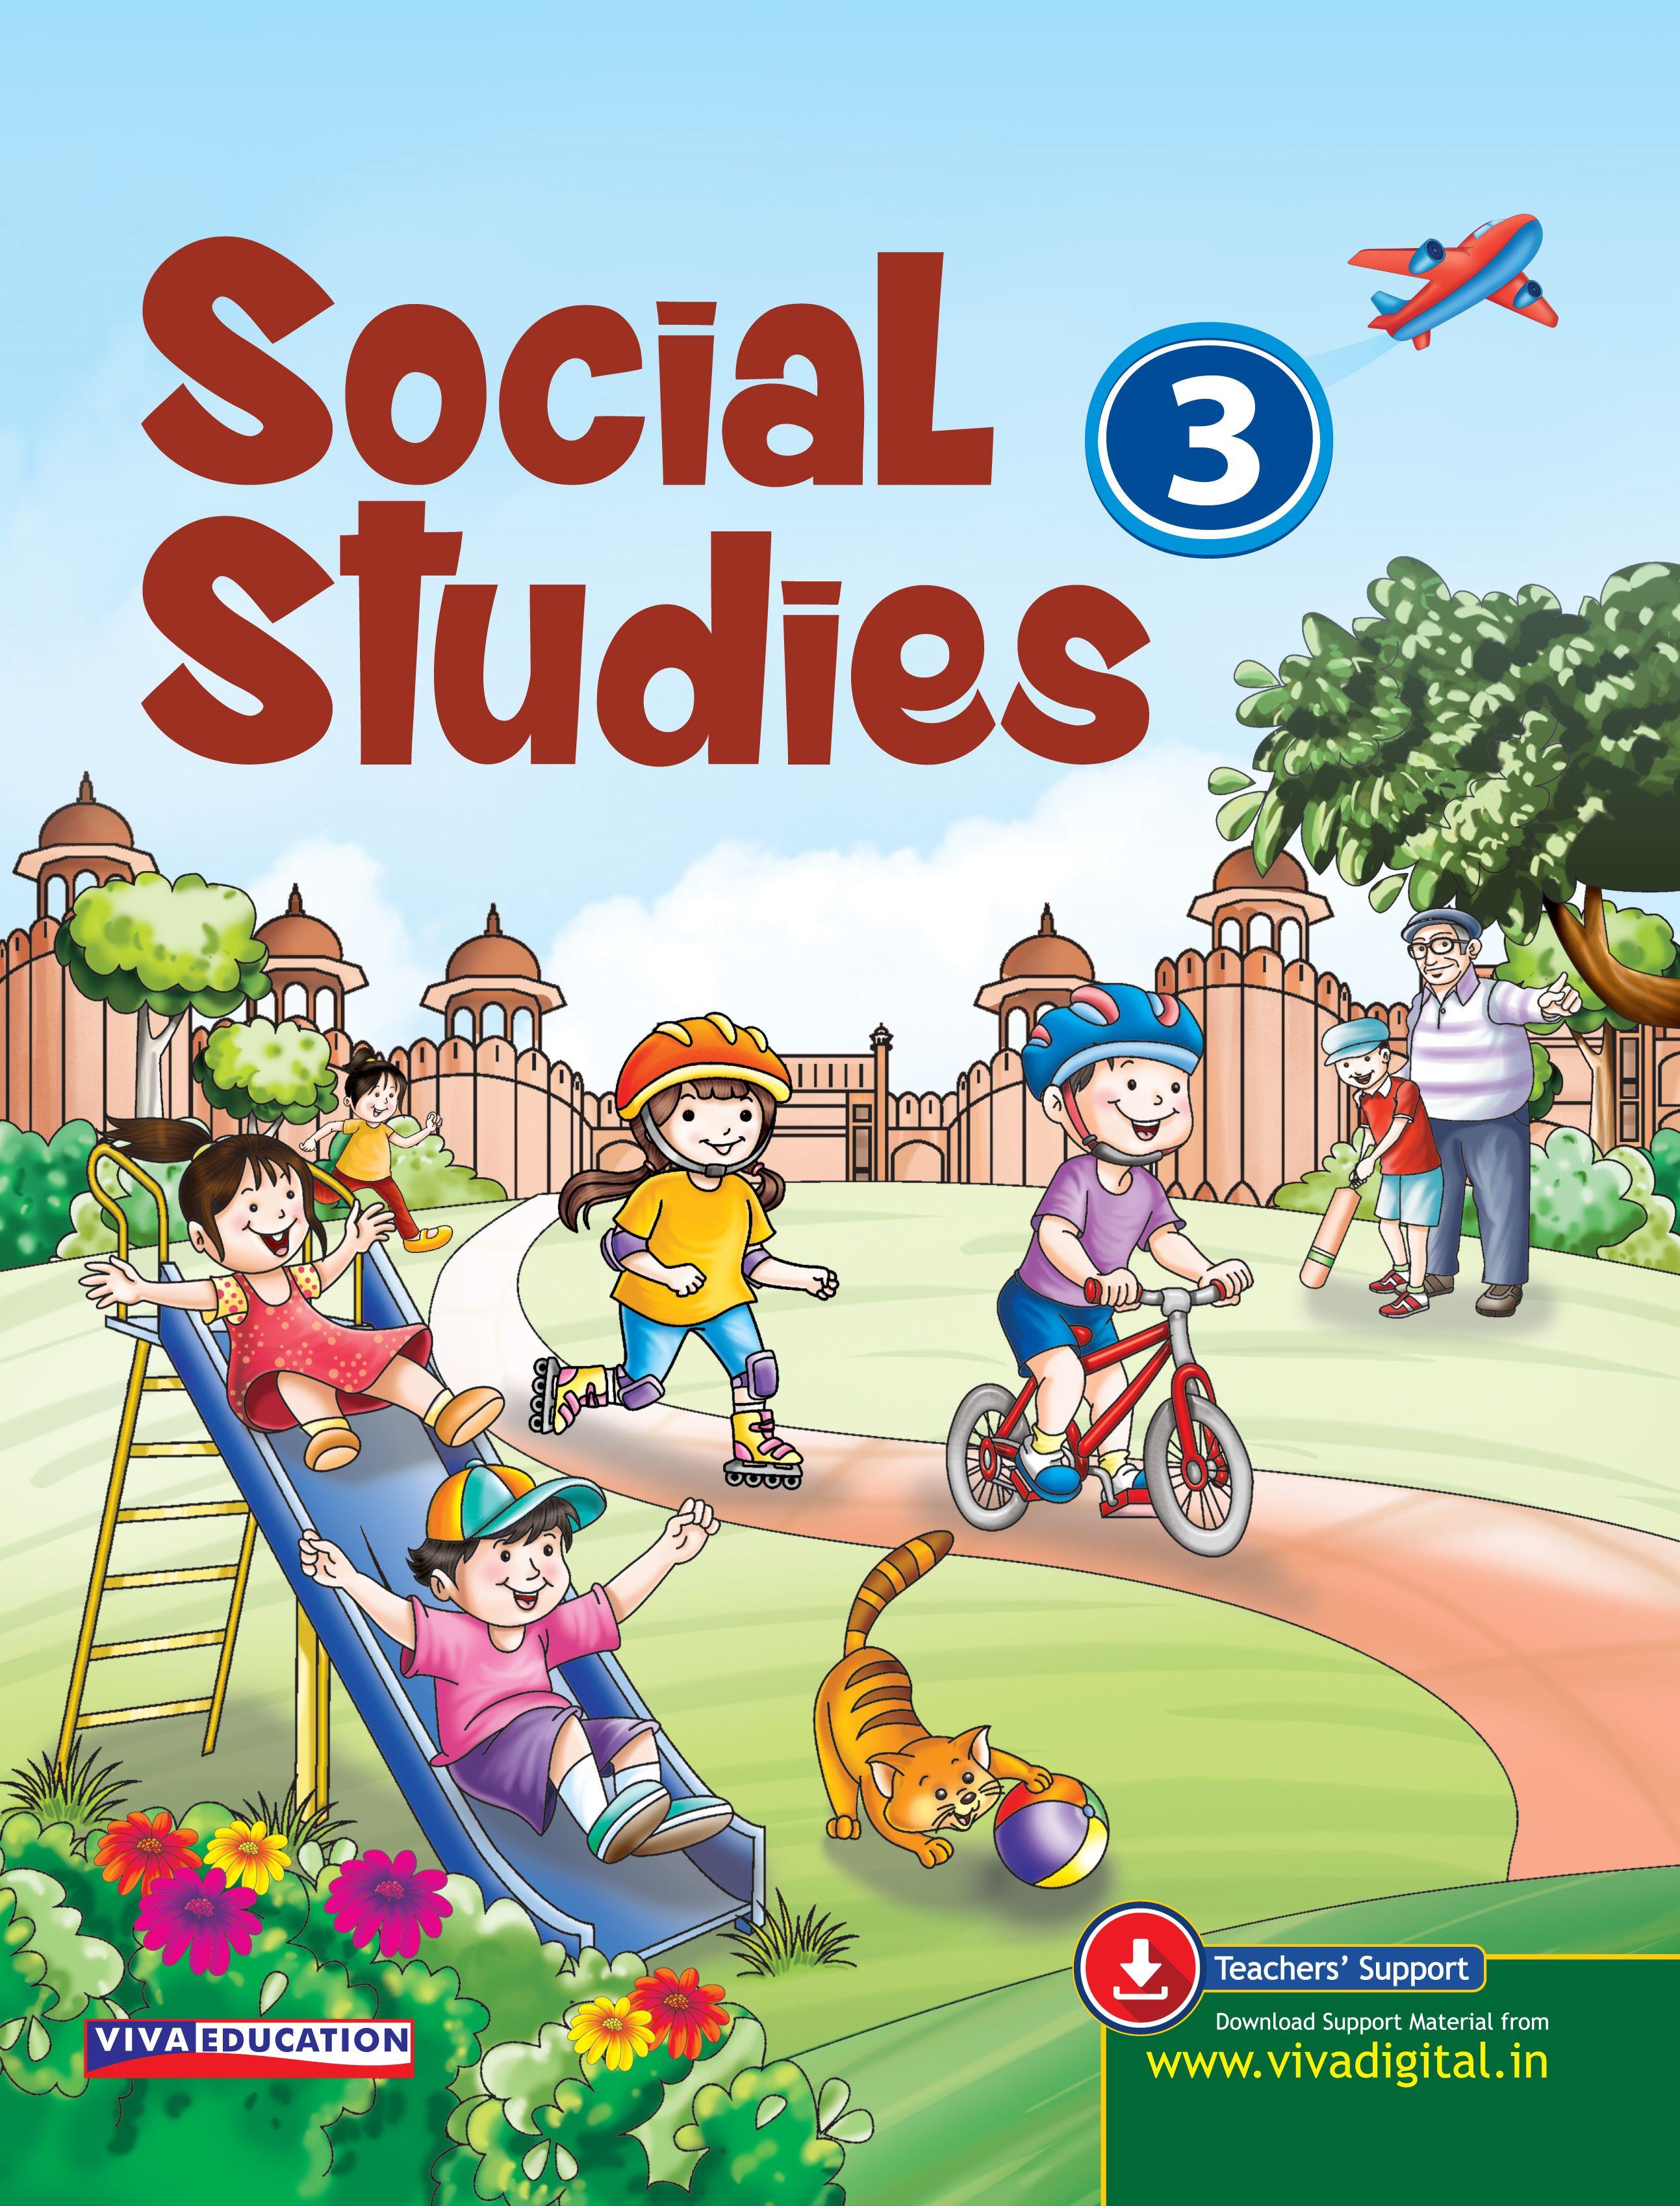 Social Studies 3